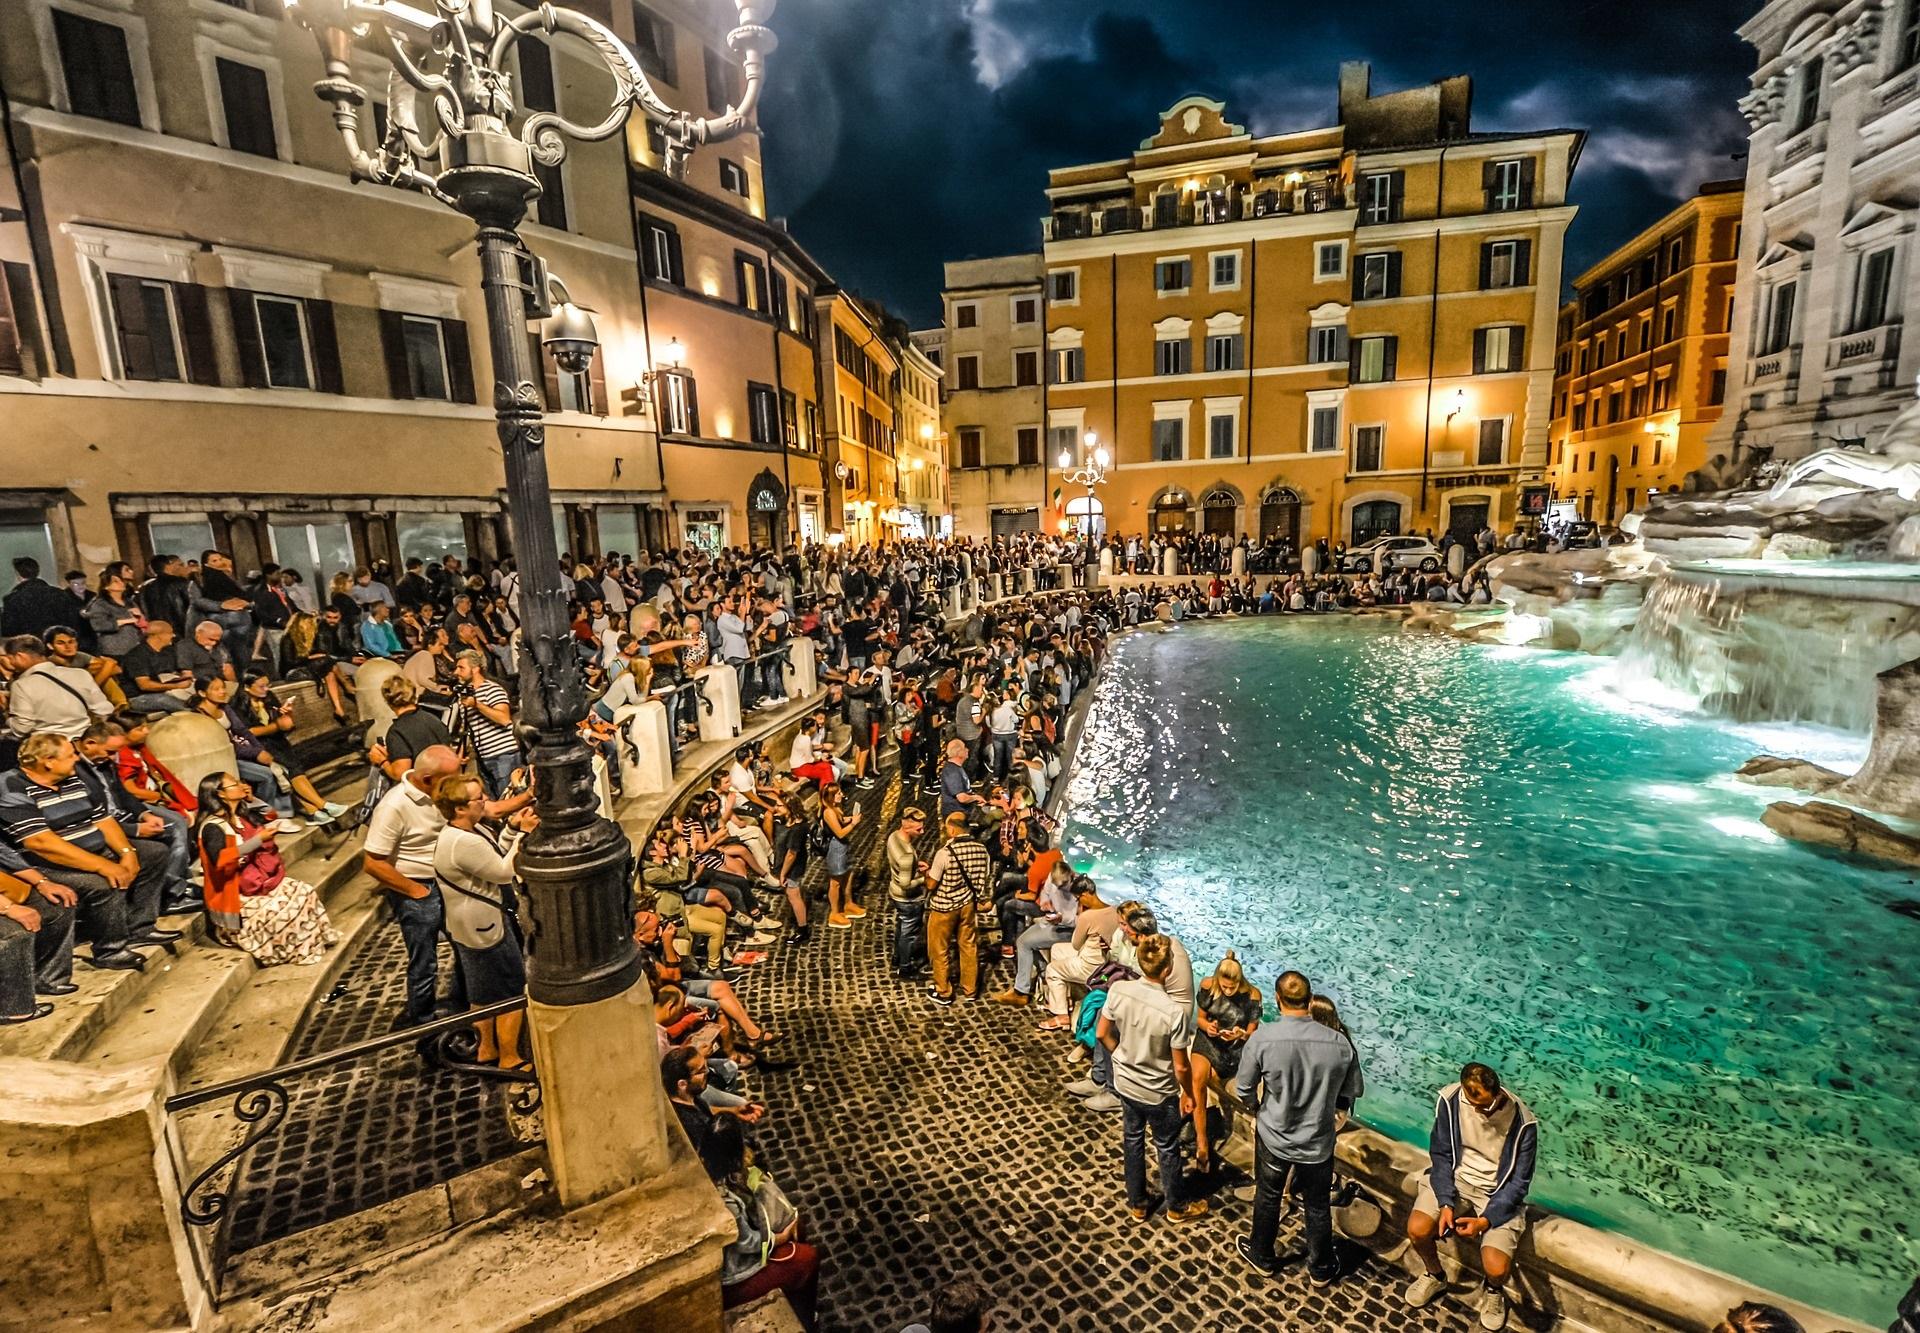 Eine Touristenmenge vor dem Trevi Brunnen in Rom